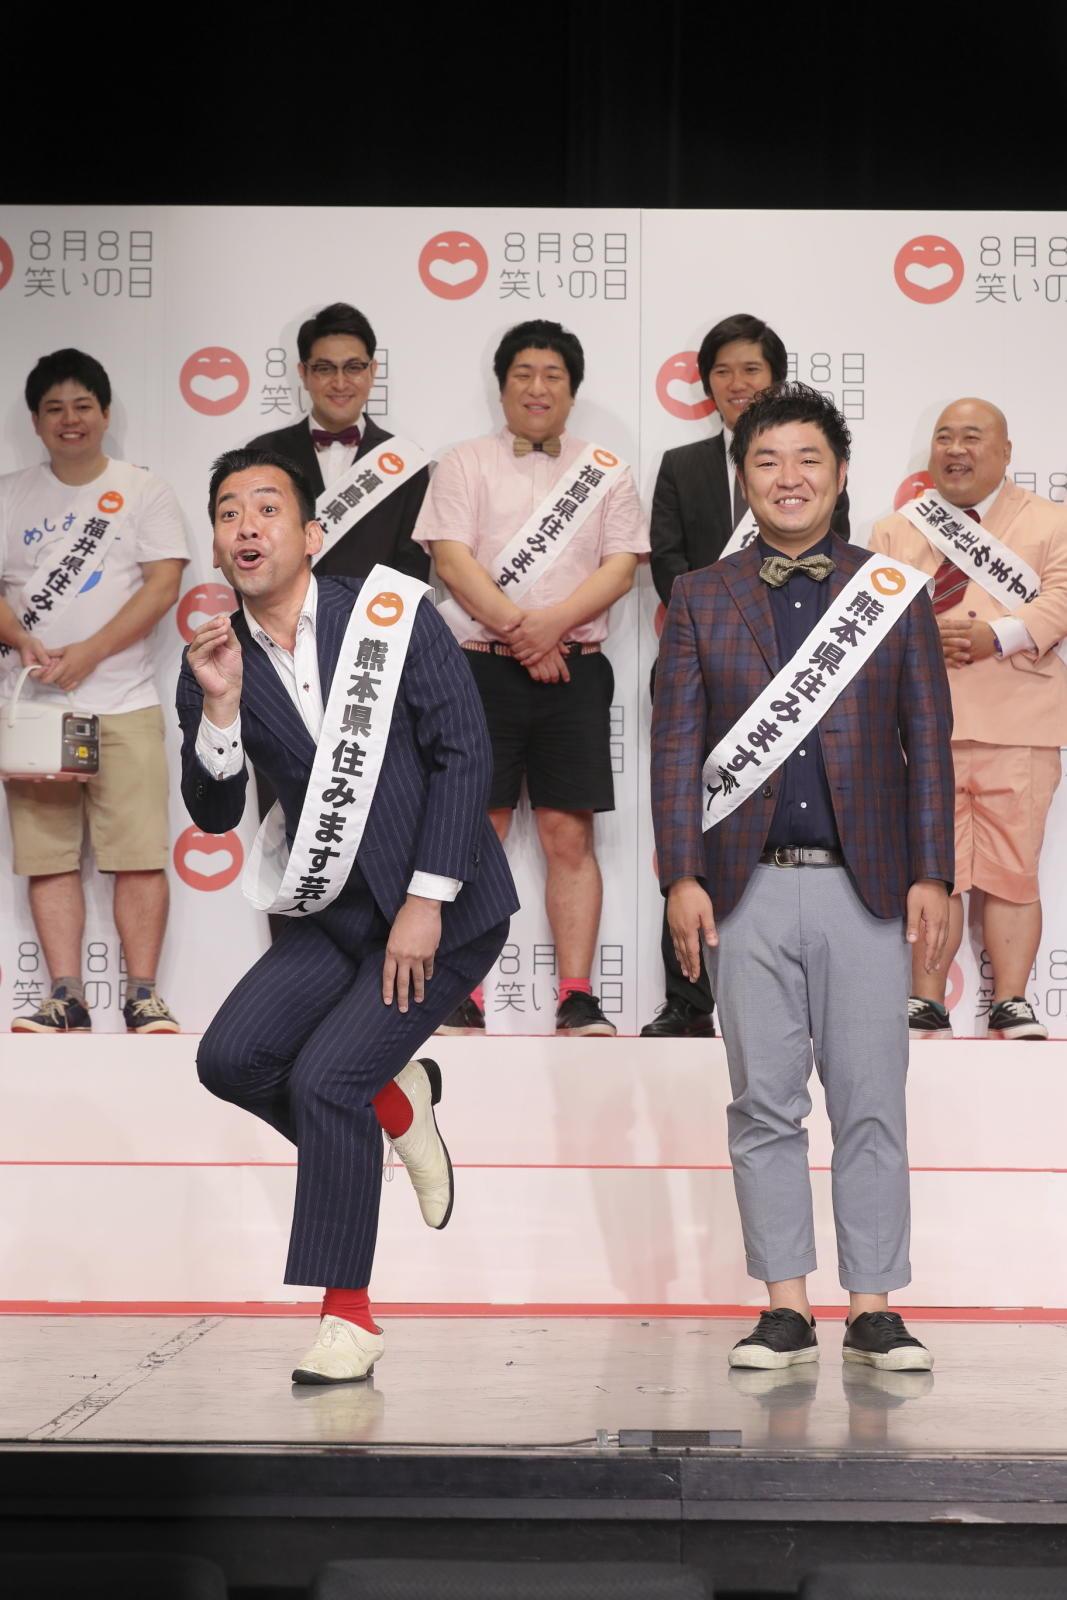 http://news.yoshimoto.co.jp/20170704220500-ca665ad47eece03a6f38916256c8b78649d9921b.jpg